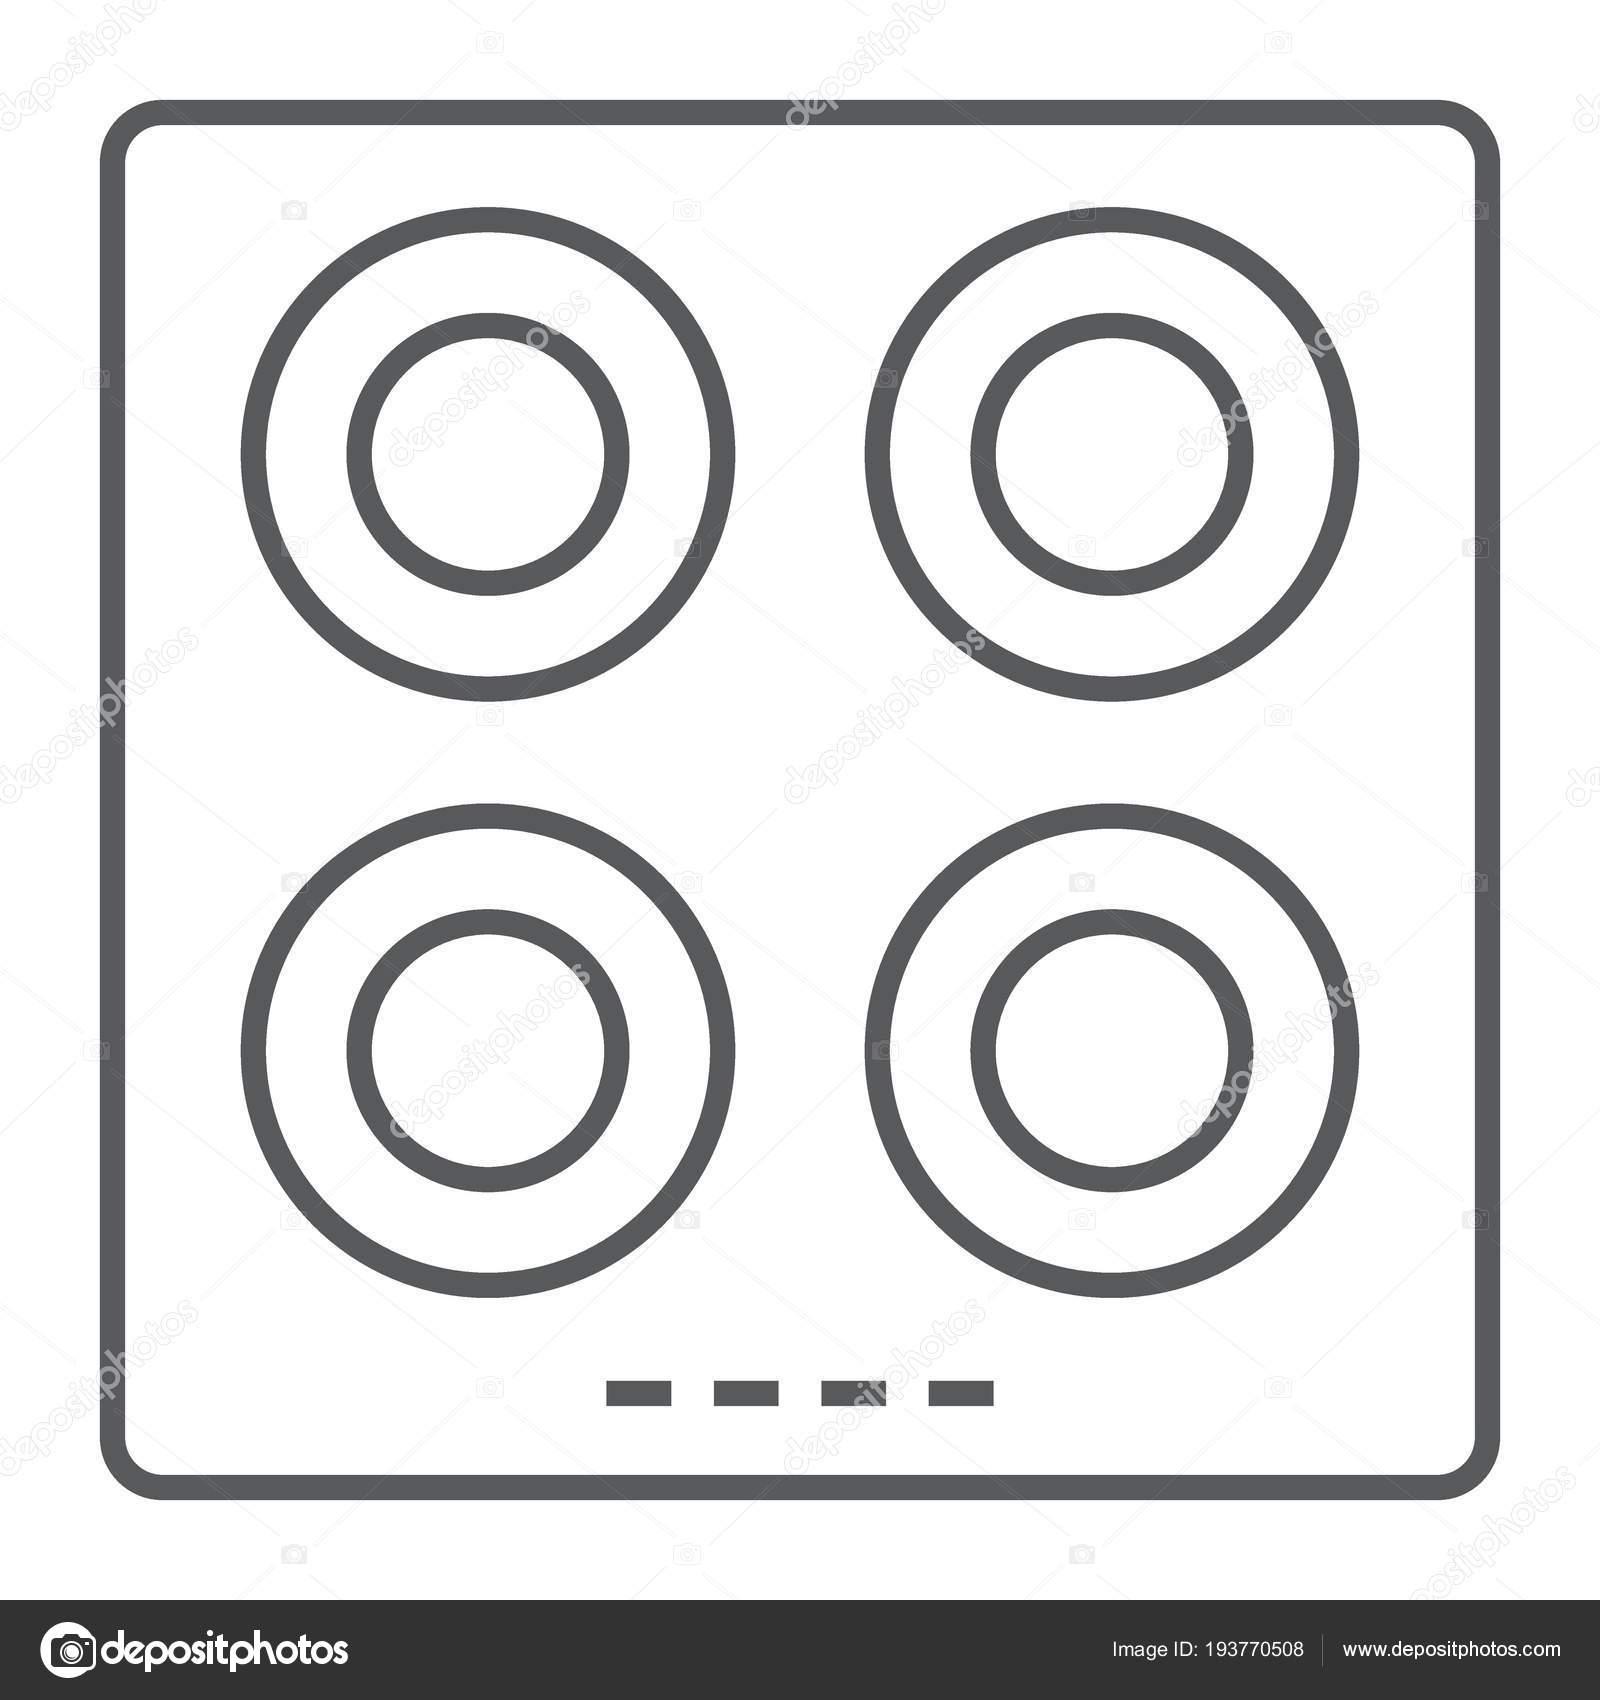 Großartig Elektrische Symbole Des Haushalts Bilder - Elektrische ...